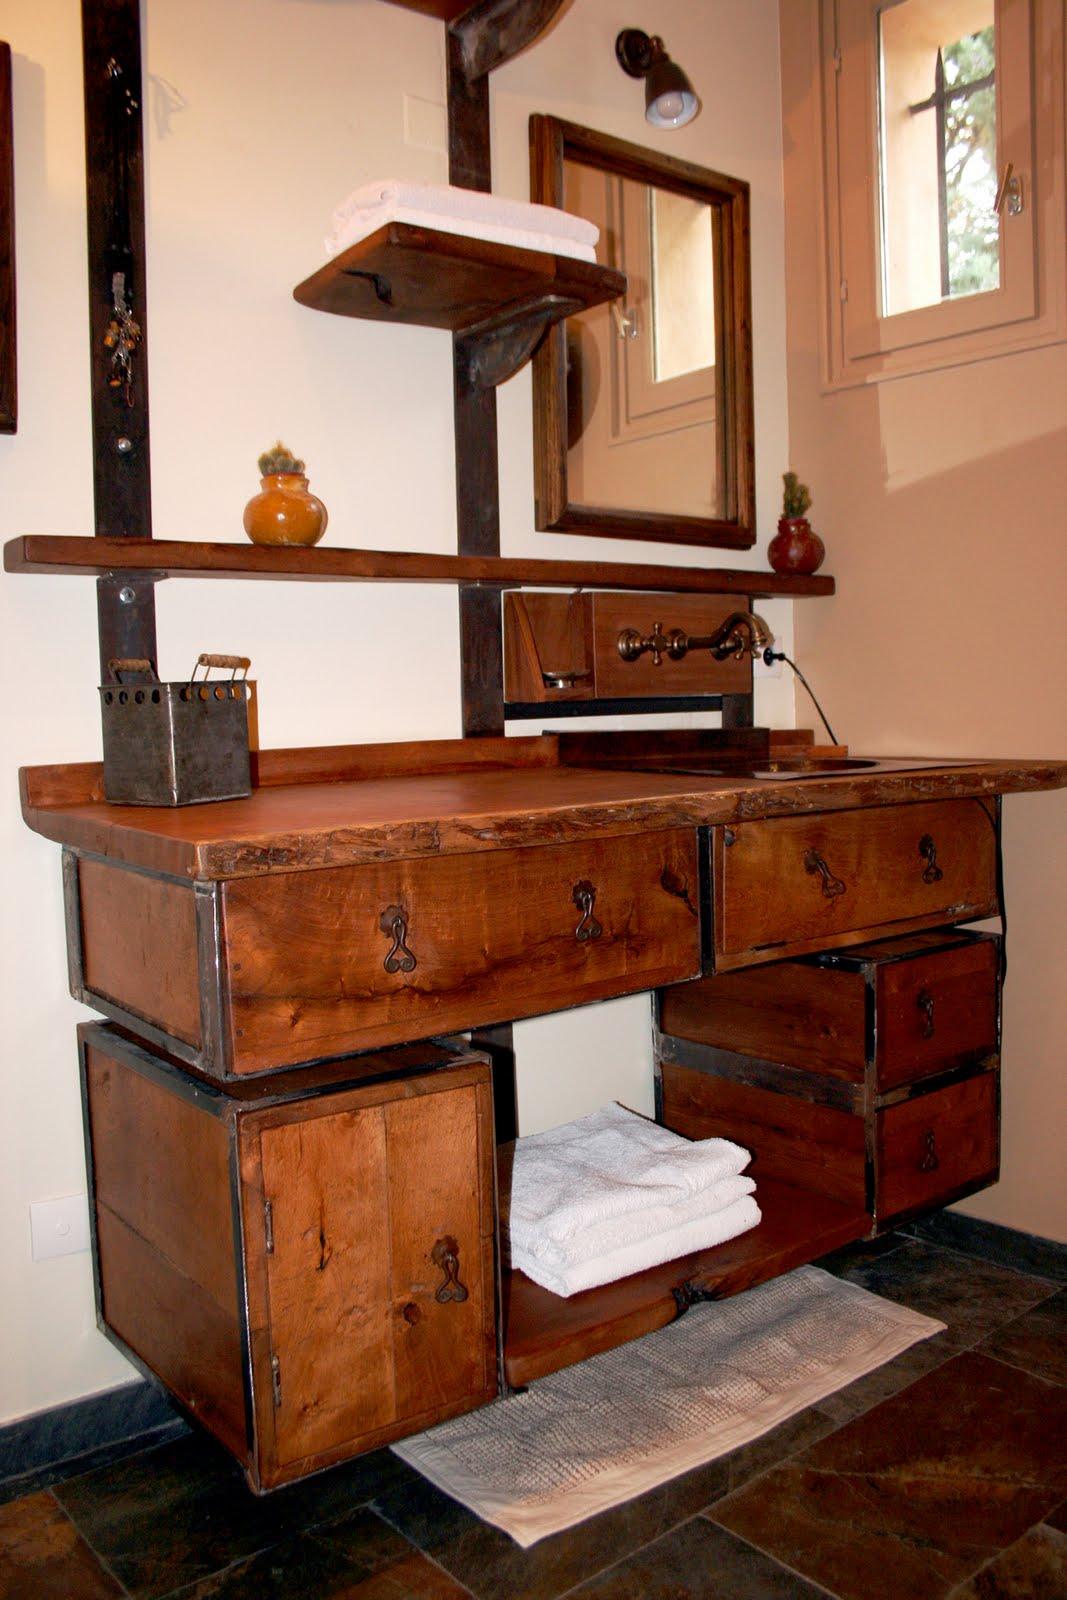 ... : Le mobilier mexicain sur mesure...Un meuble de salle de bain